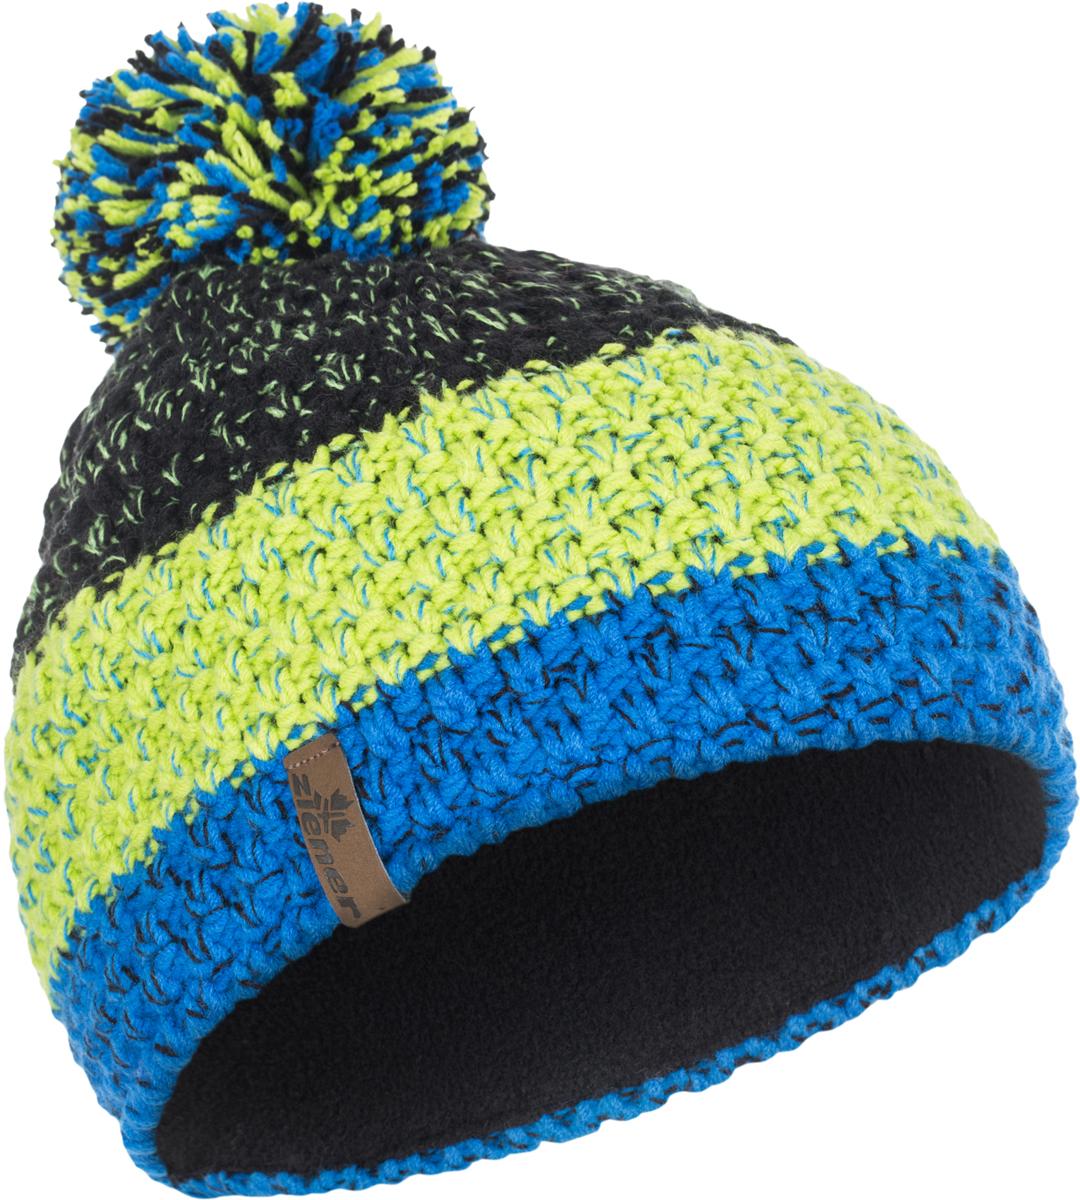 Шапка Ziener Intercontinental Hat, цвет: голубой, салатовый, черный. 170053-12568. Размер универсальный170053-12568